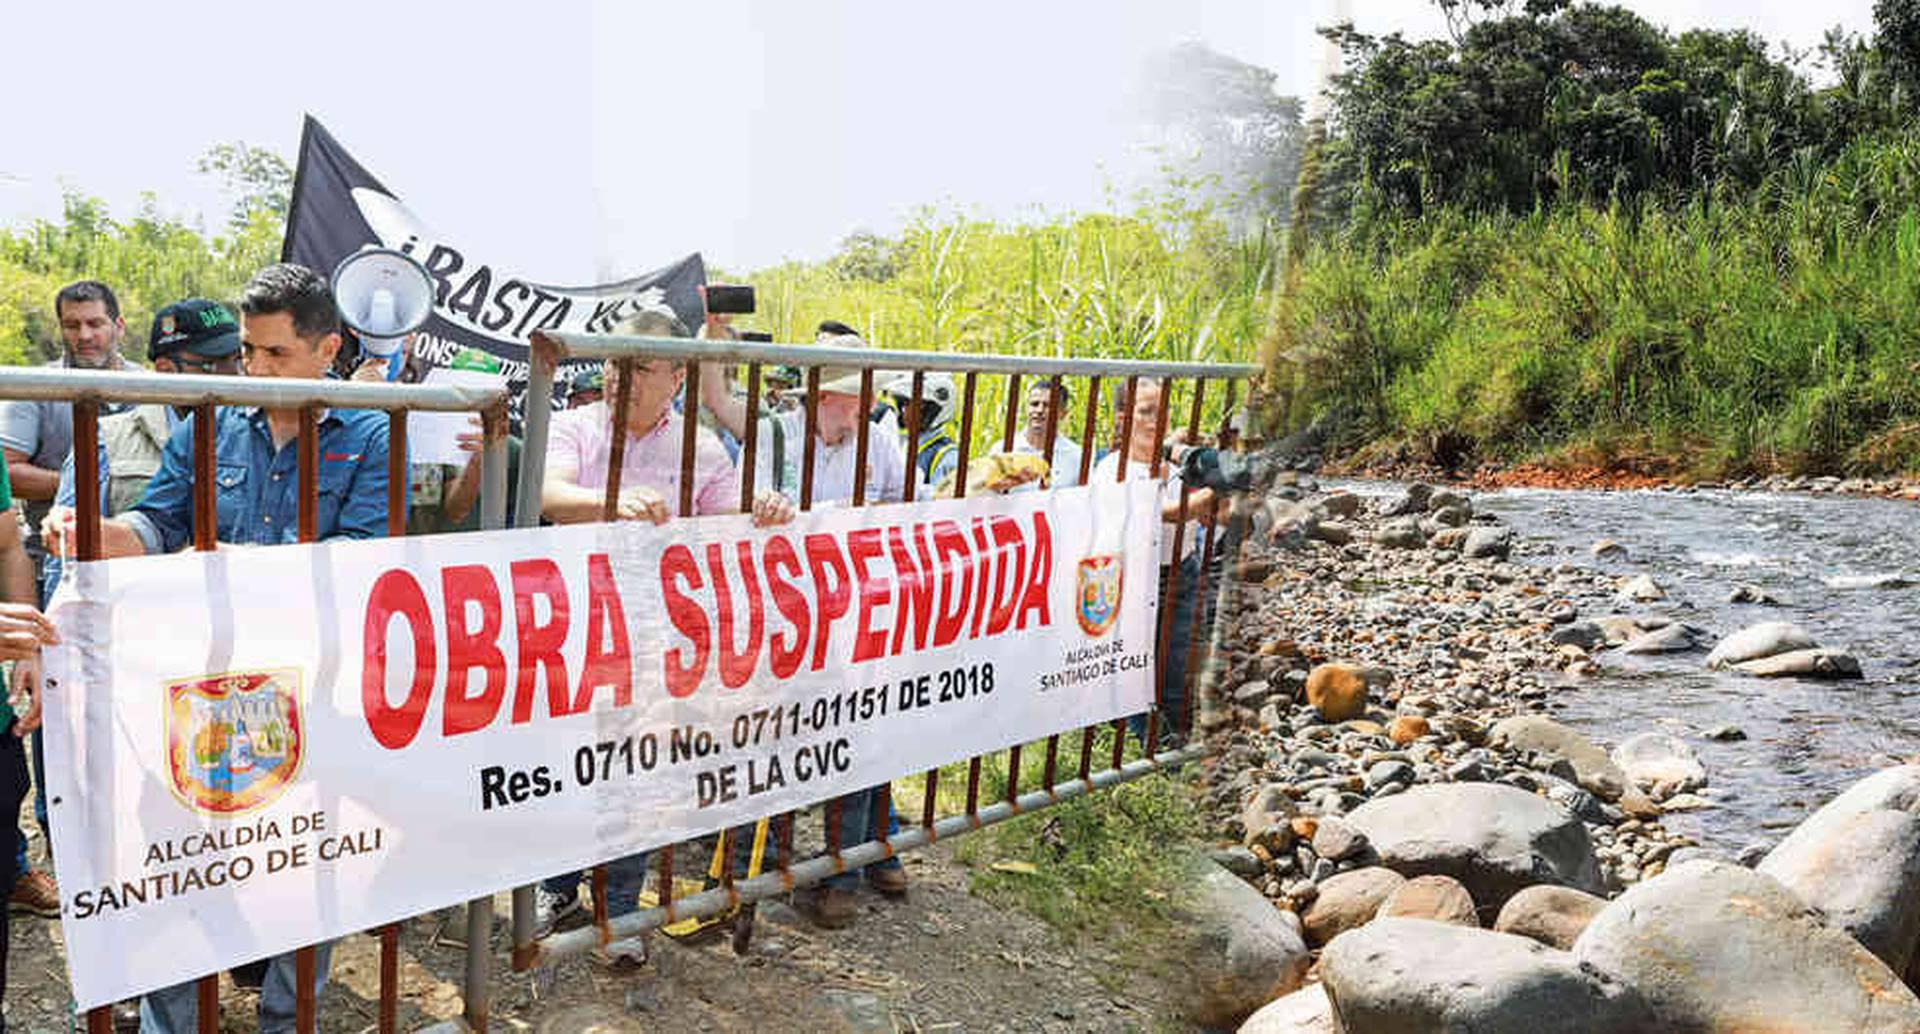 El alcalde Ospina, que ha visitado la zona, no solo busca evitar nuevas construcciones en Pance, sino también la extracción de roca y material de construcción.